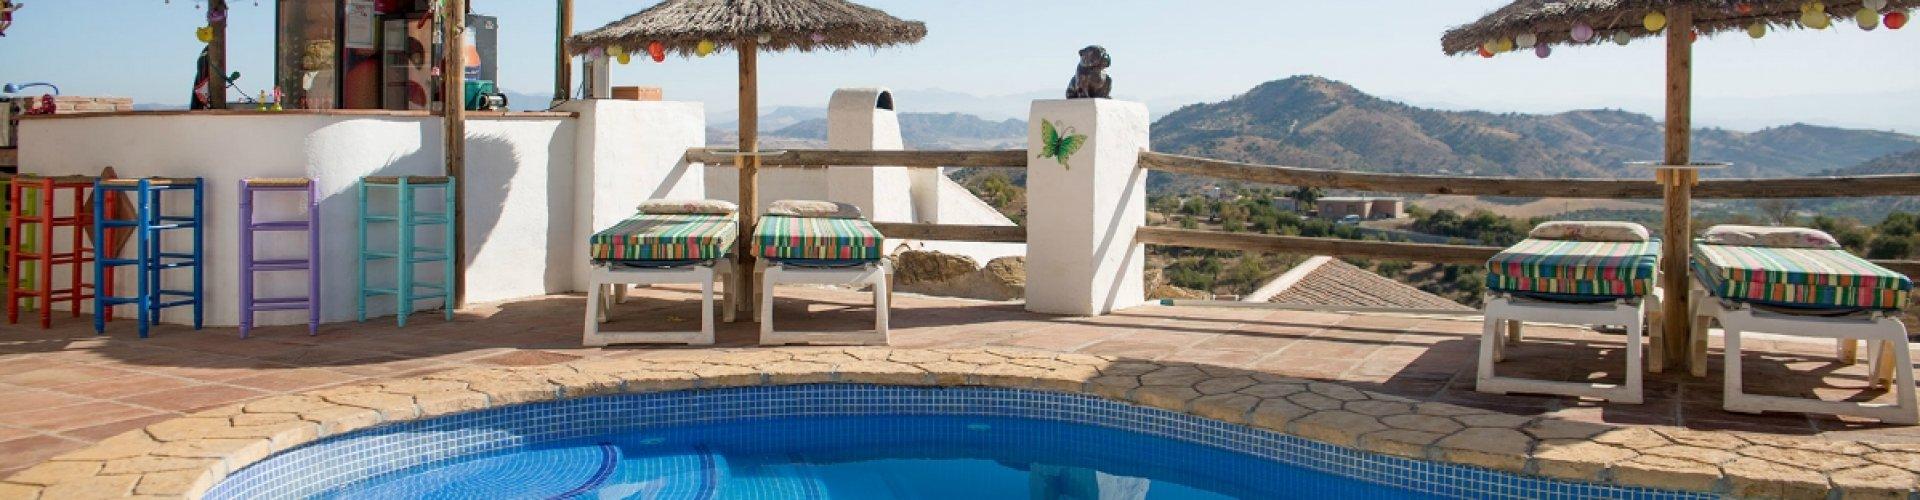 Top 10 kindvriendelijke accommodatie Andalusië